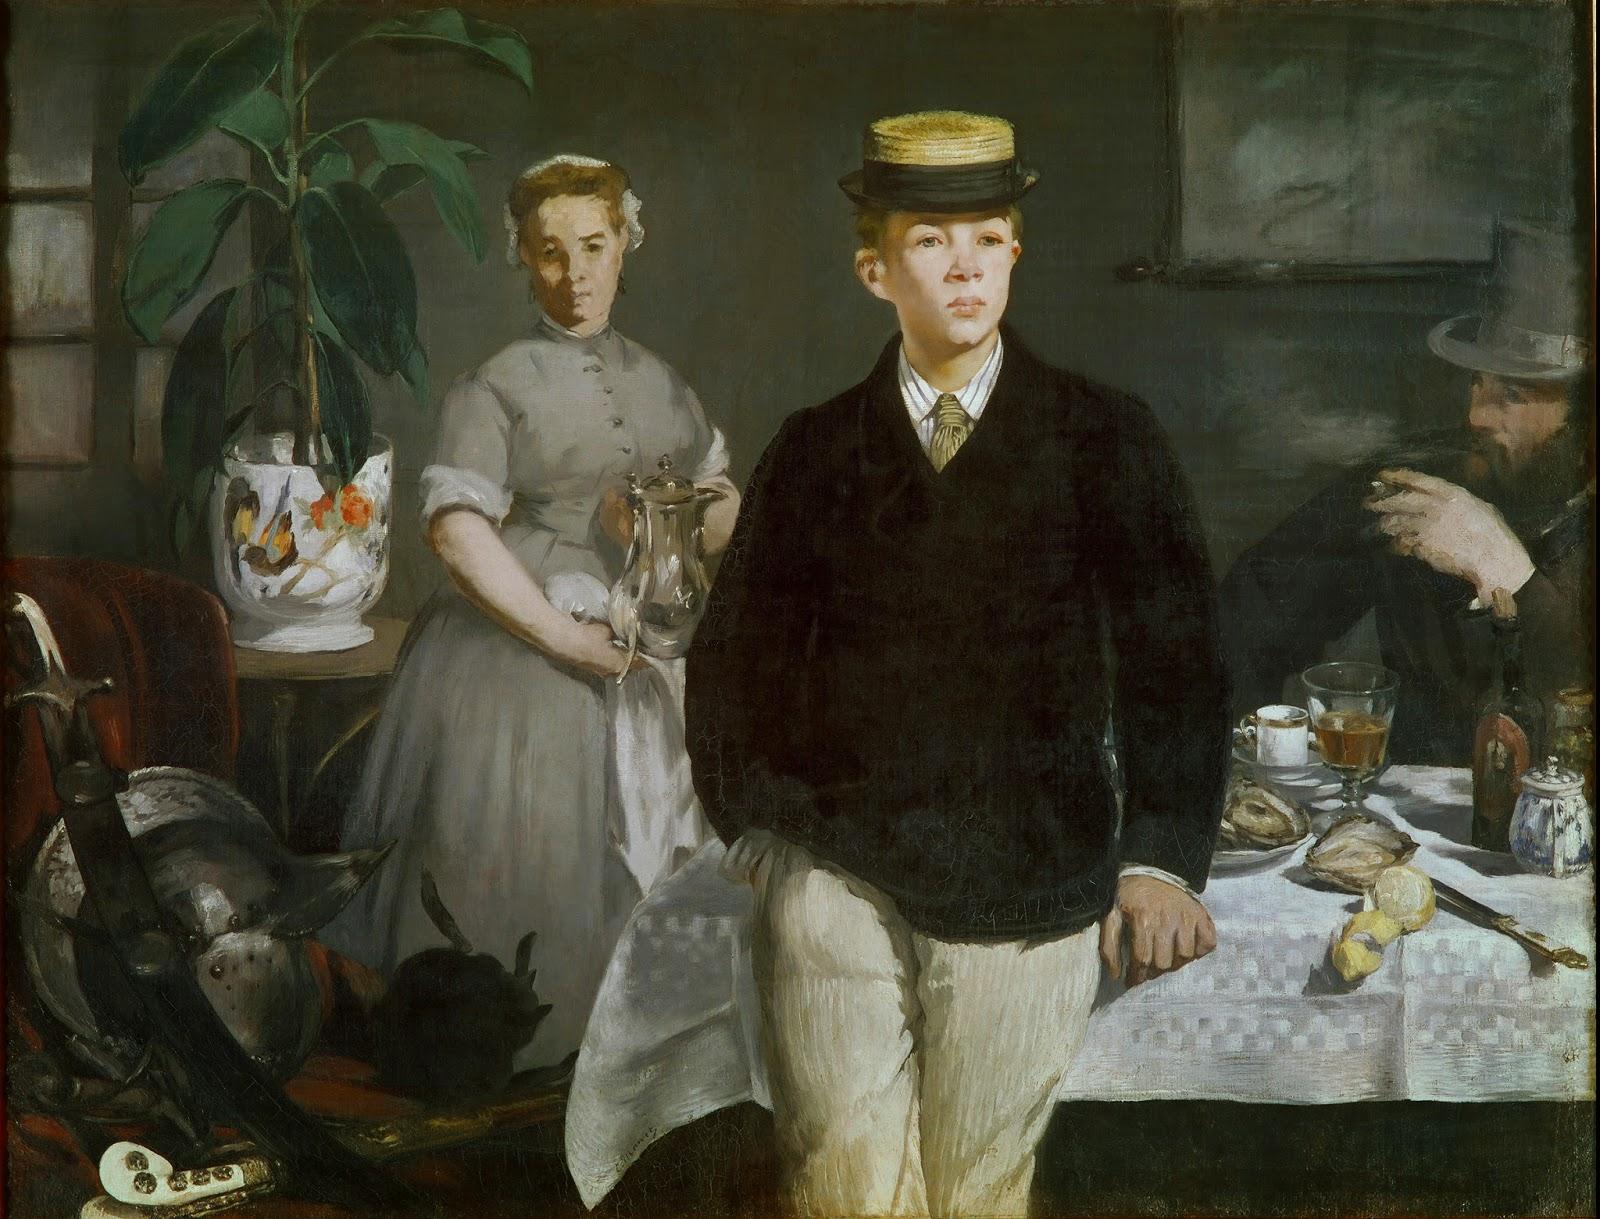 Édouard Manet, El almuerzo en el estudio (1868), Neue Pinakothek, Munich